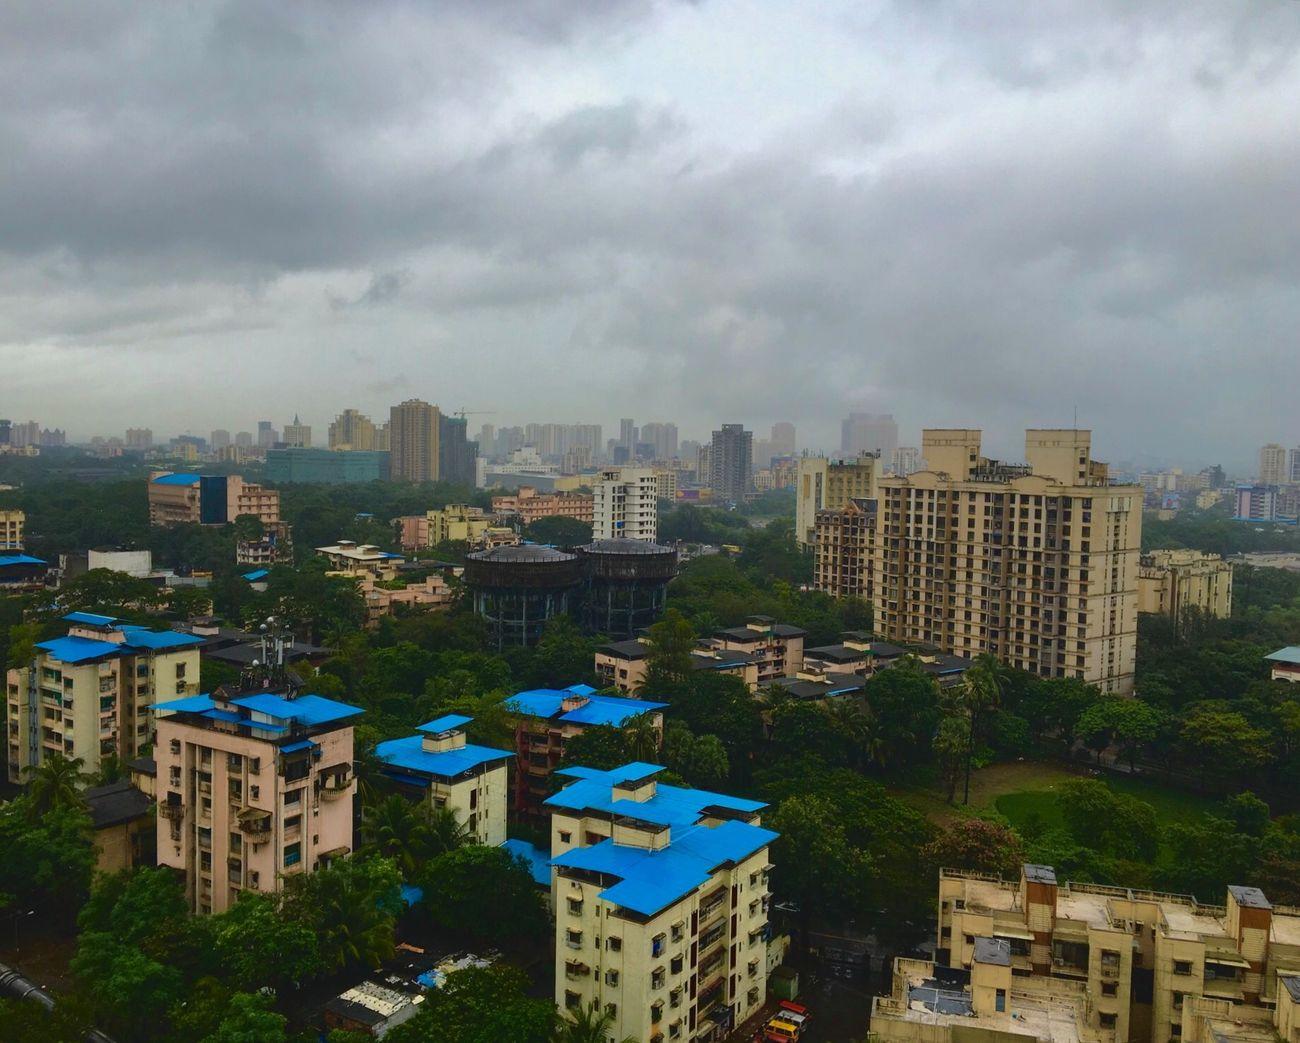 Outdoor Rainy Days Rainy Season Rainy Day RainyDay Cityinrain Thanecity Thane Soaked From The Rain Cloudy Cloudycity